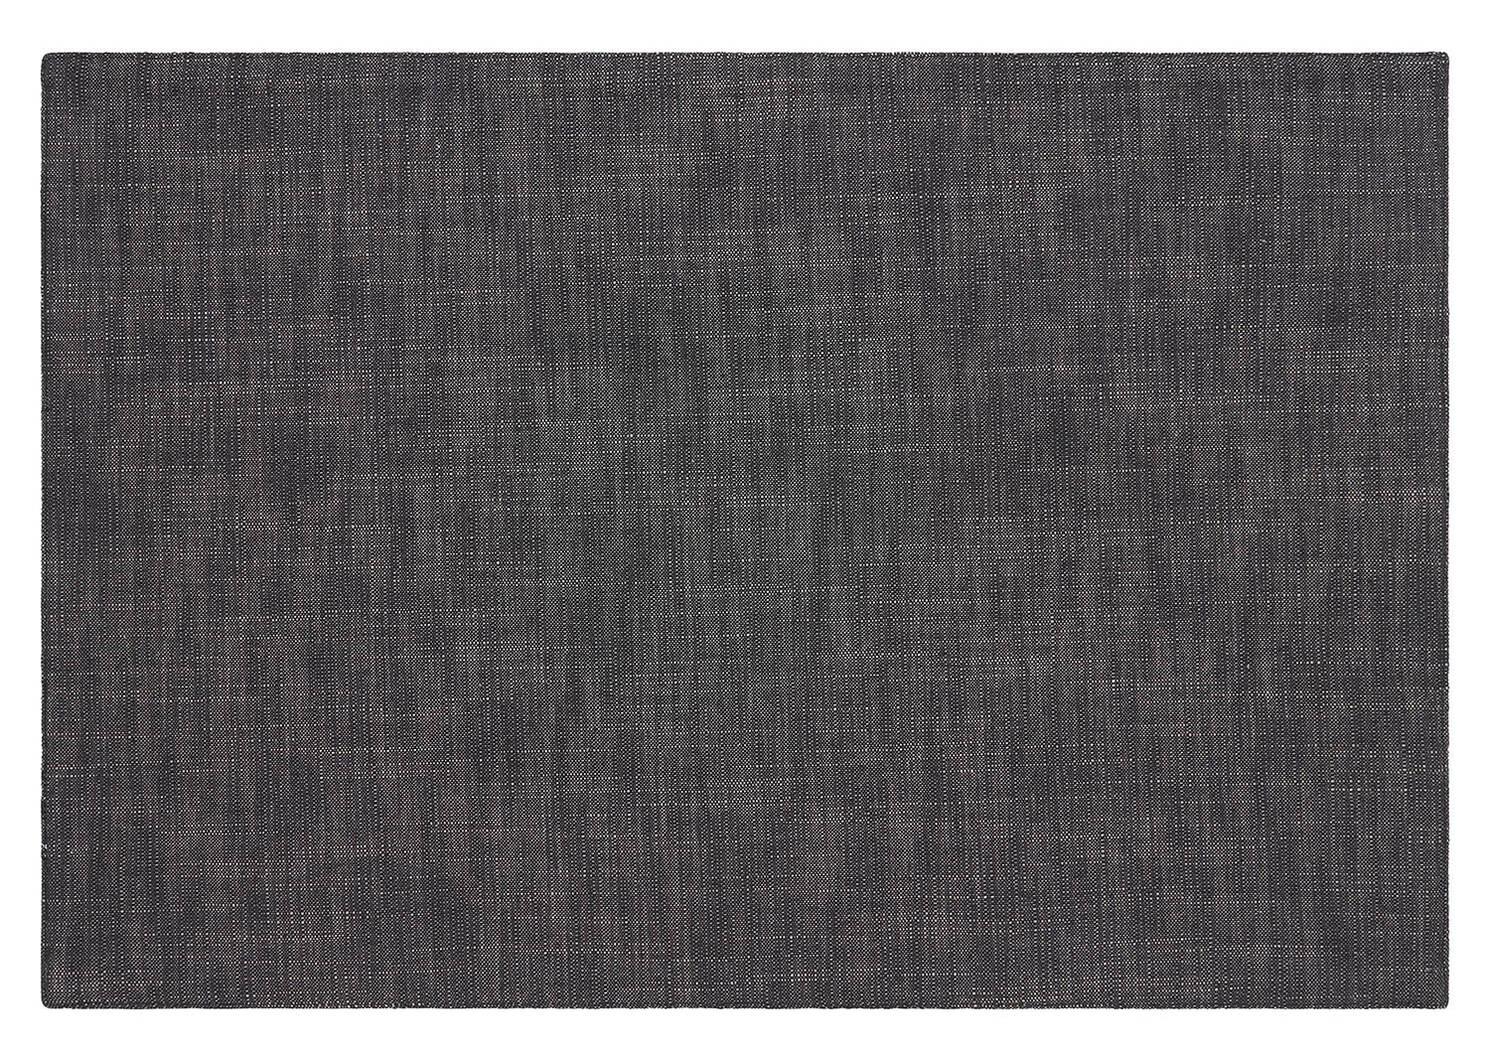 Beaumaris Stripe Placemat Charcoal/Nat